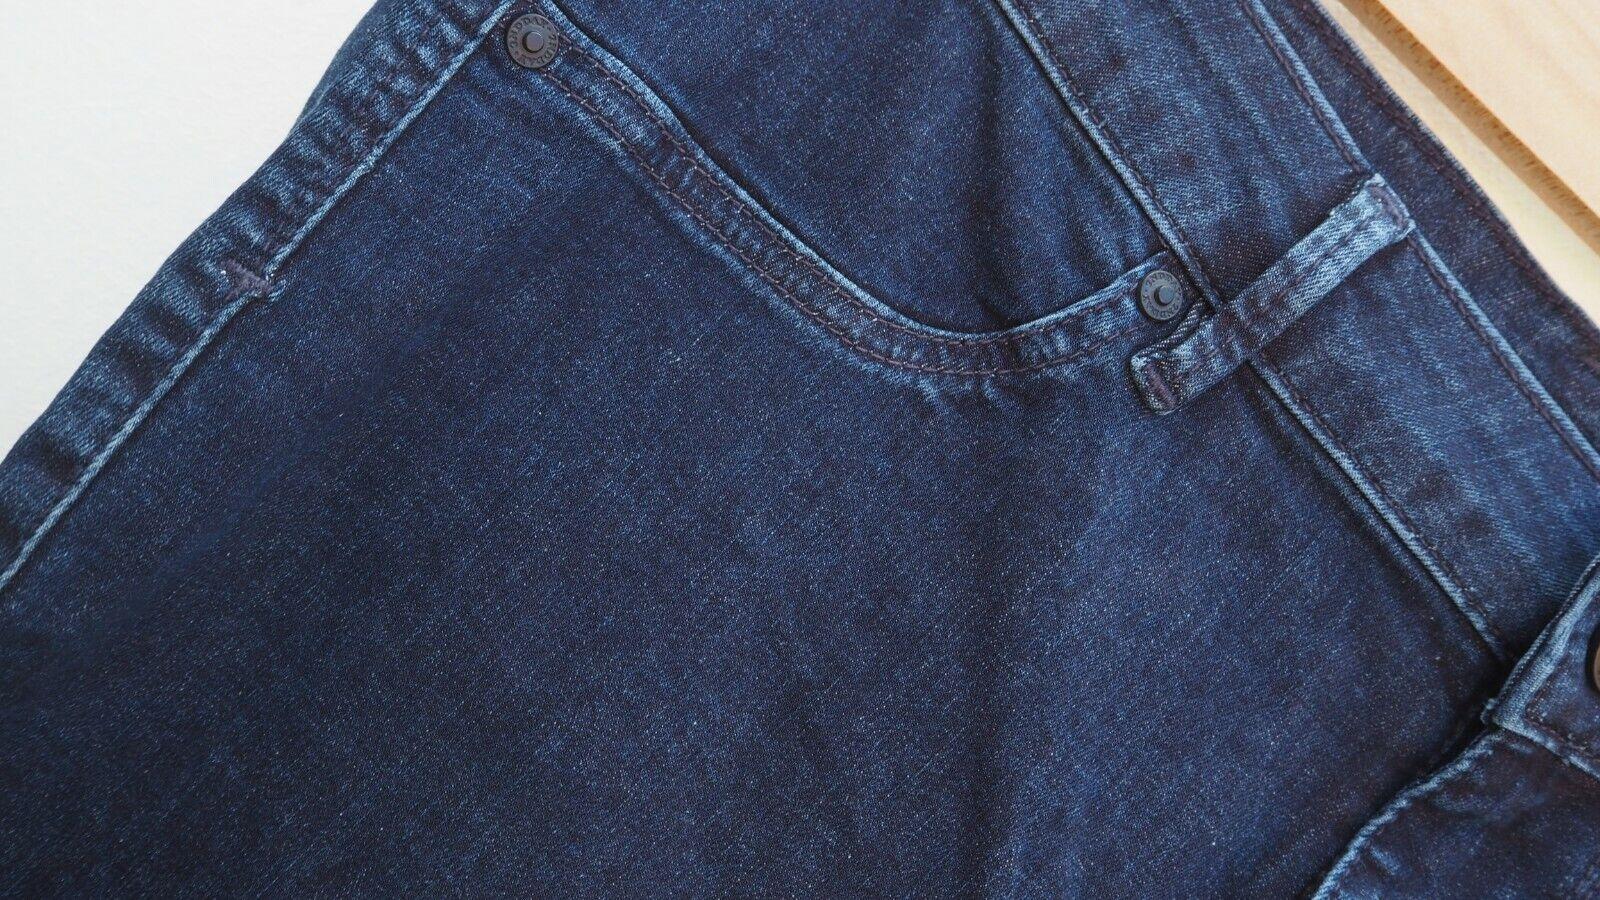 Forte di lavoro da uomo jeans TAGLIA 52 Girovita Bnwt 29 o Gamba 31